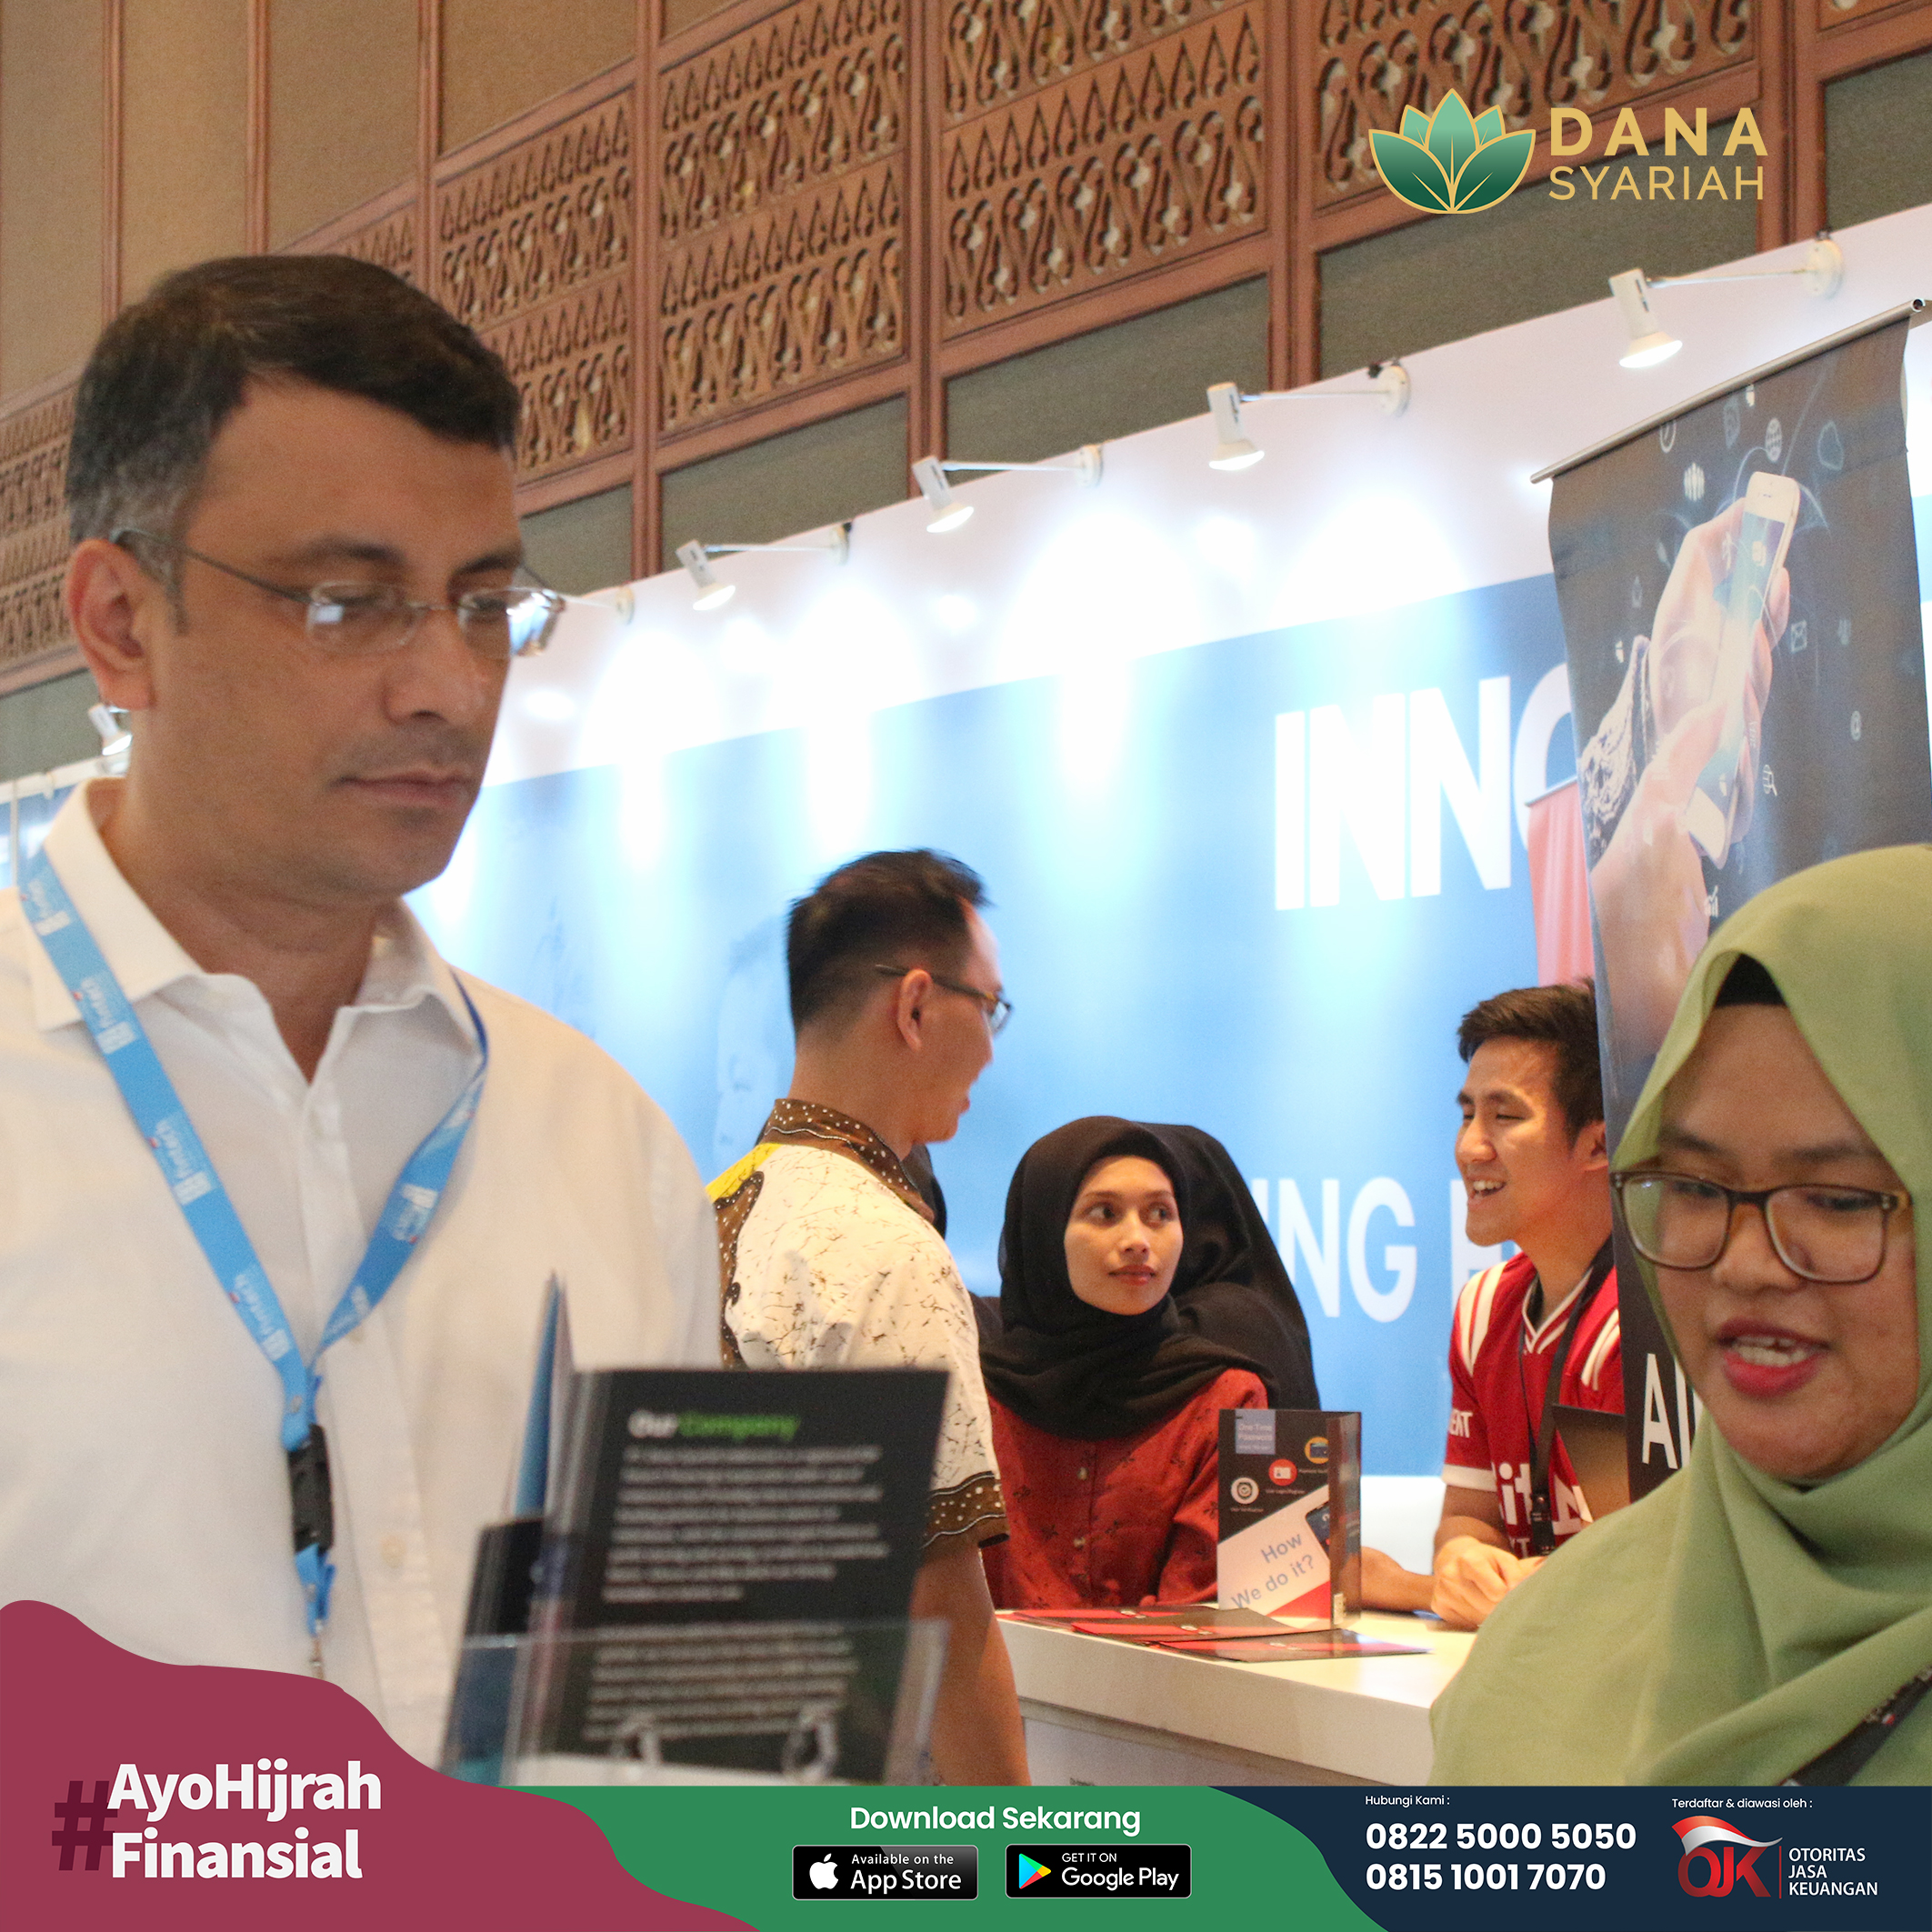 Dana Syariah Perhelatan Akbar Teknologi Finansial di Indonesia Fintech Summit and Expo 2019